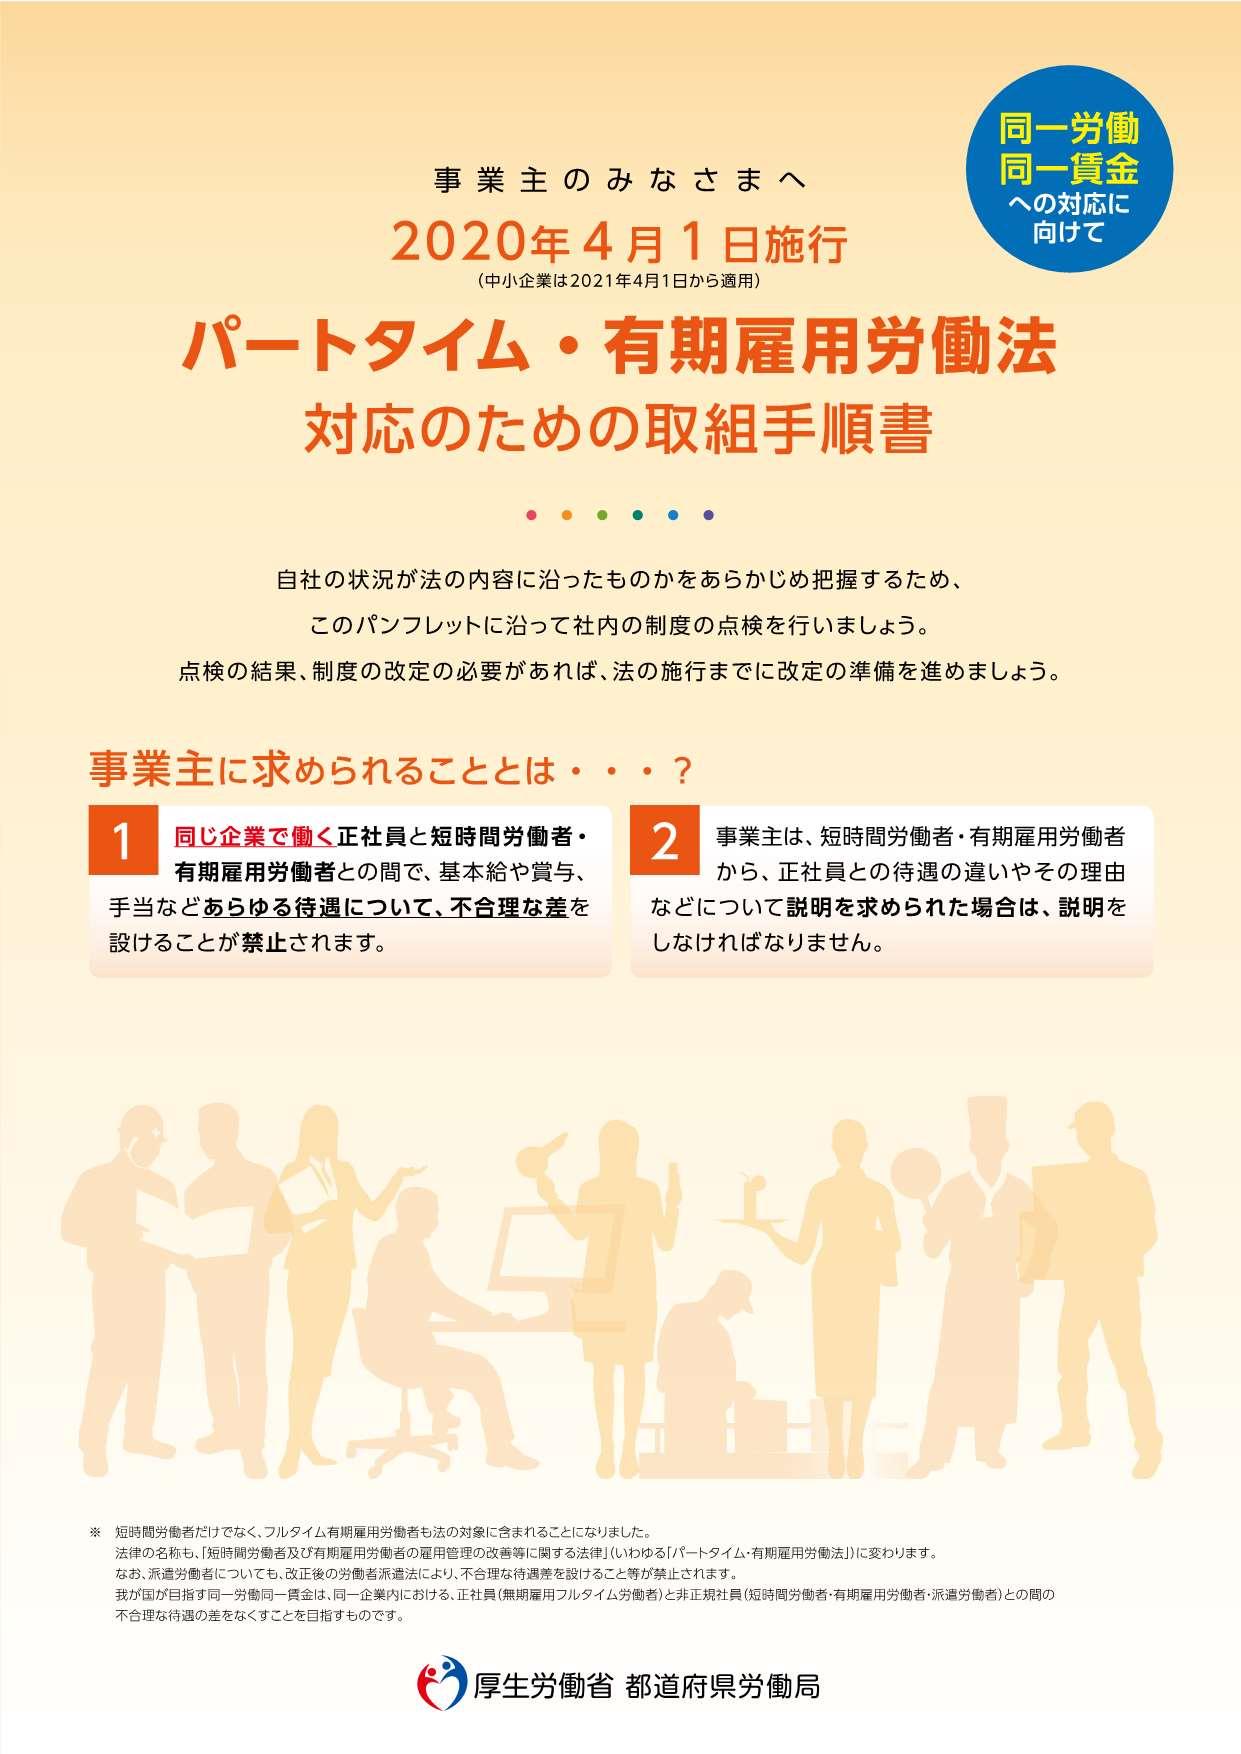 同一労働同一賃金の実現に向けたパート・有期労働法対応の取組手順書が公開されました